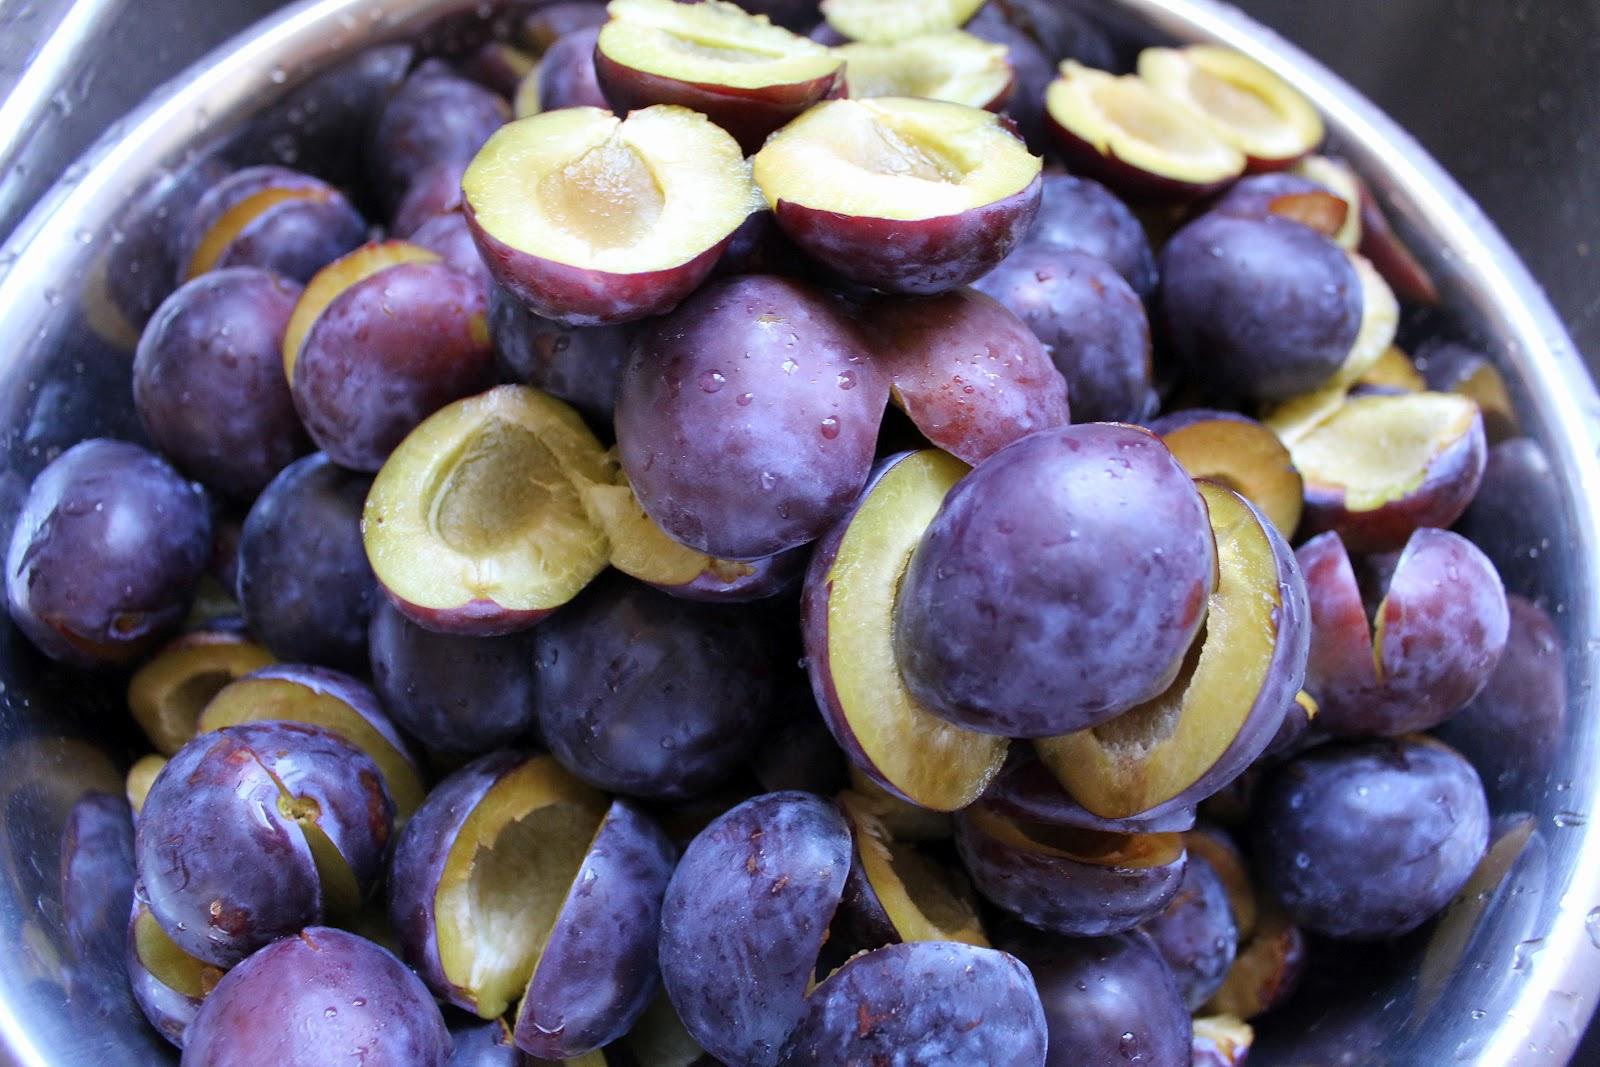 Imagini pentru prune